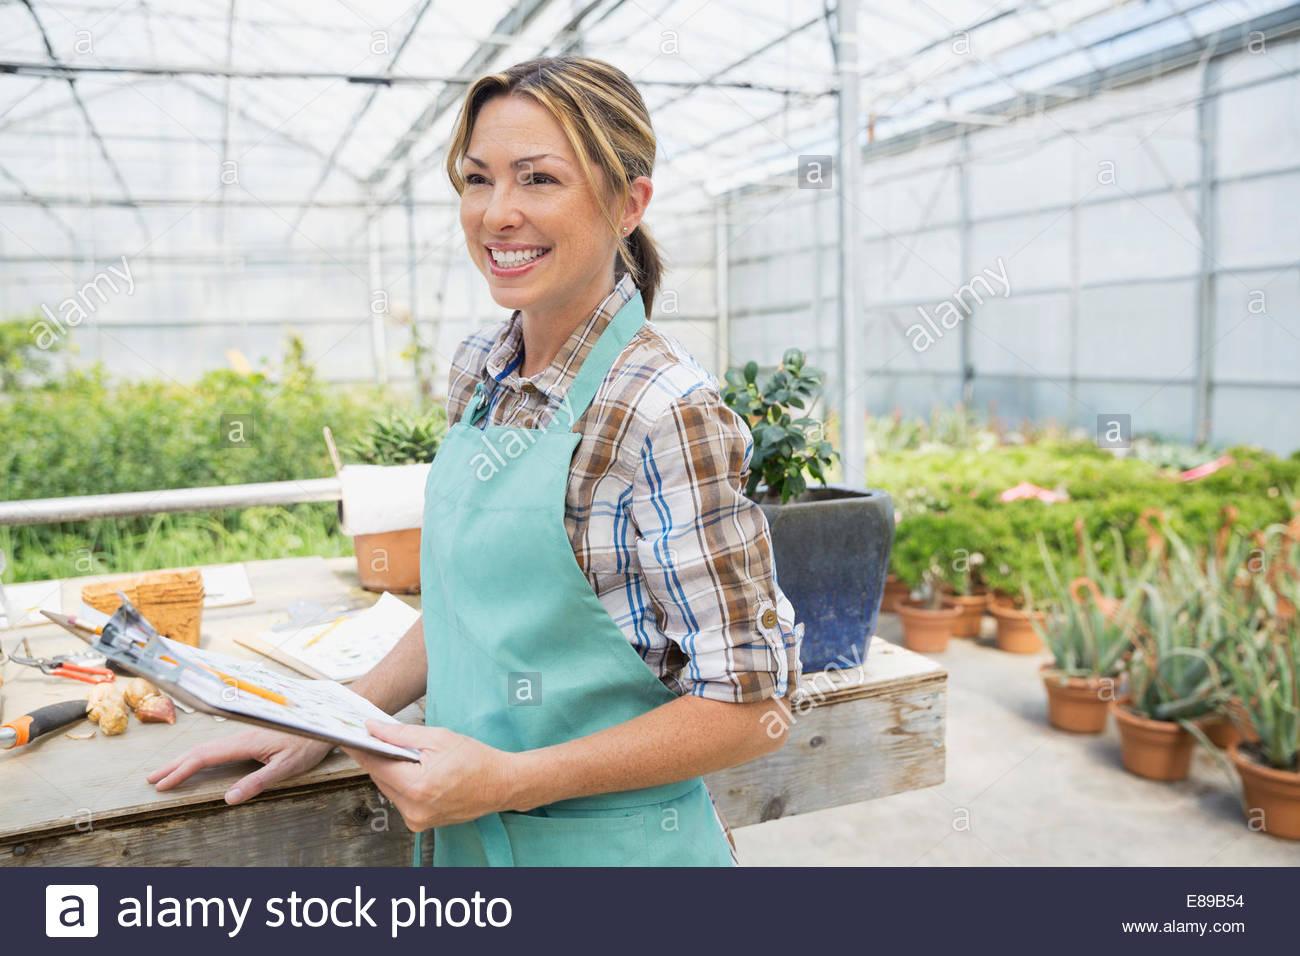 Trabajador sonriente con portapapeles en invernadero Imagen De Stock